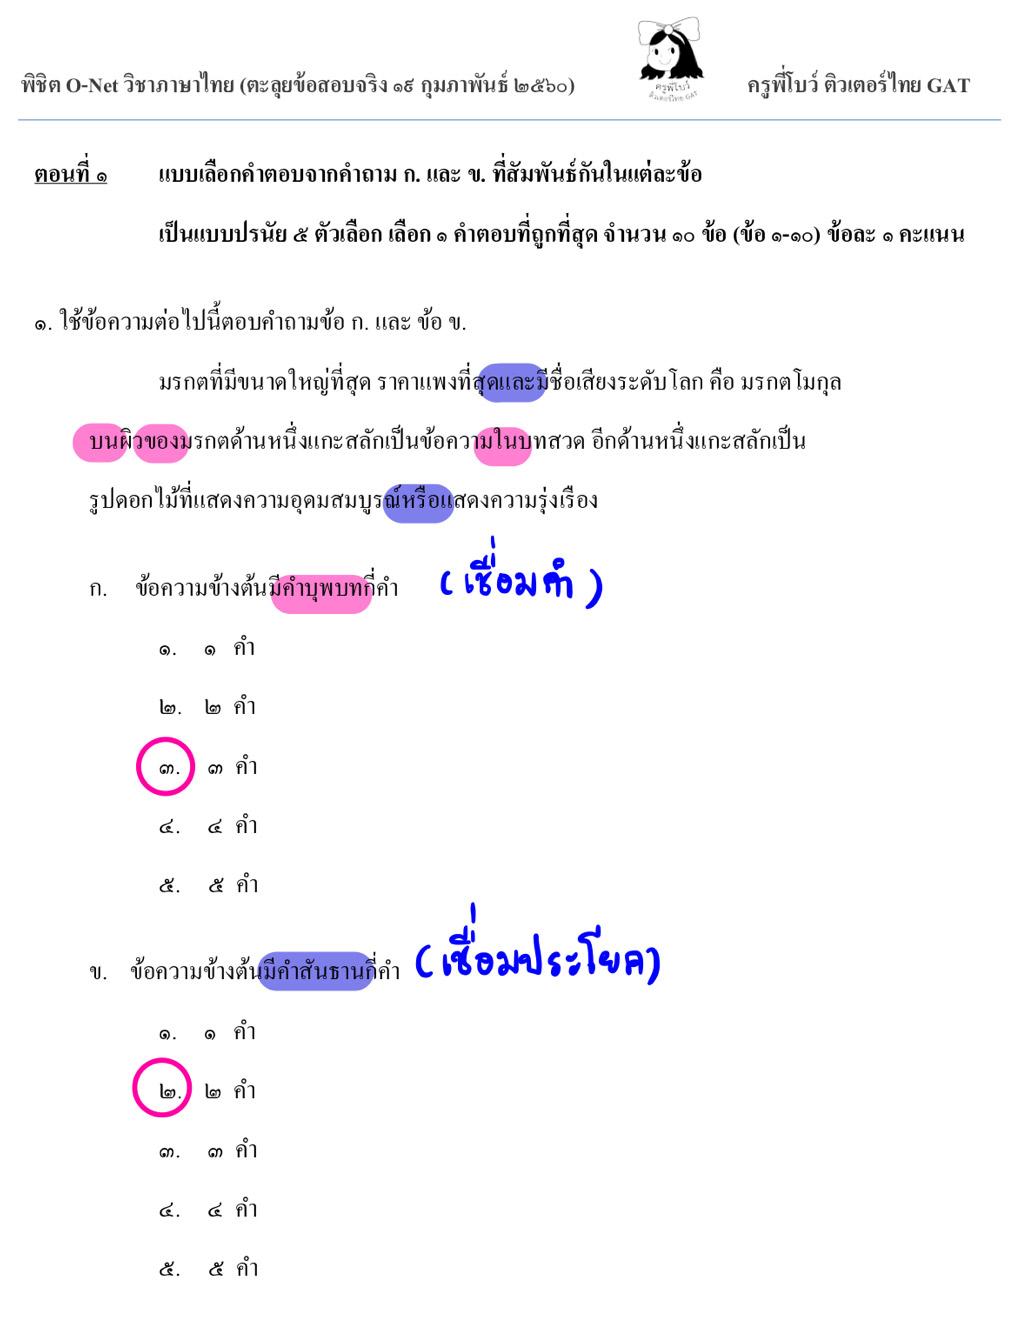 เฉลยข้อสอบ O-NET วิชาภาษาไทย ปี 2560